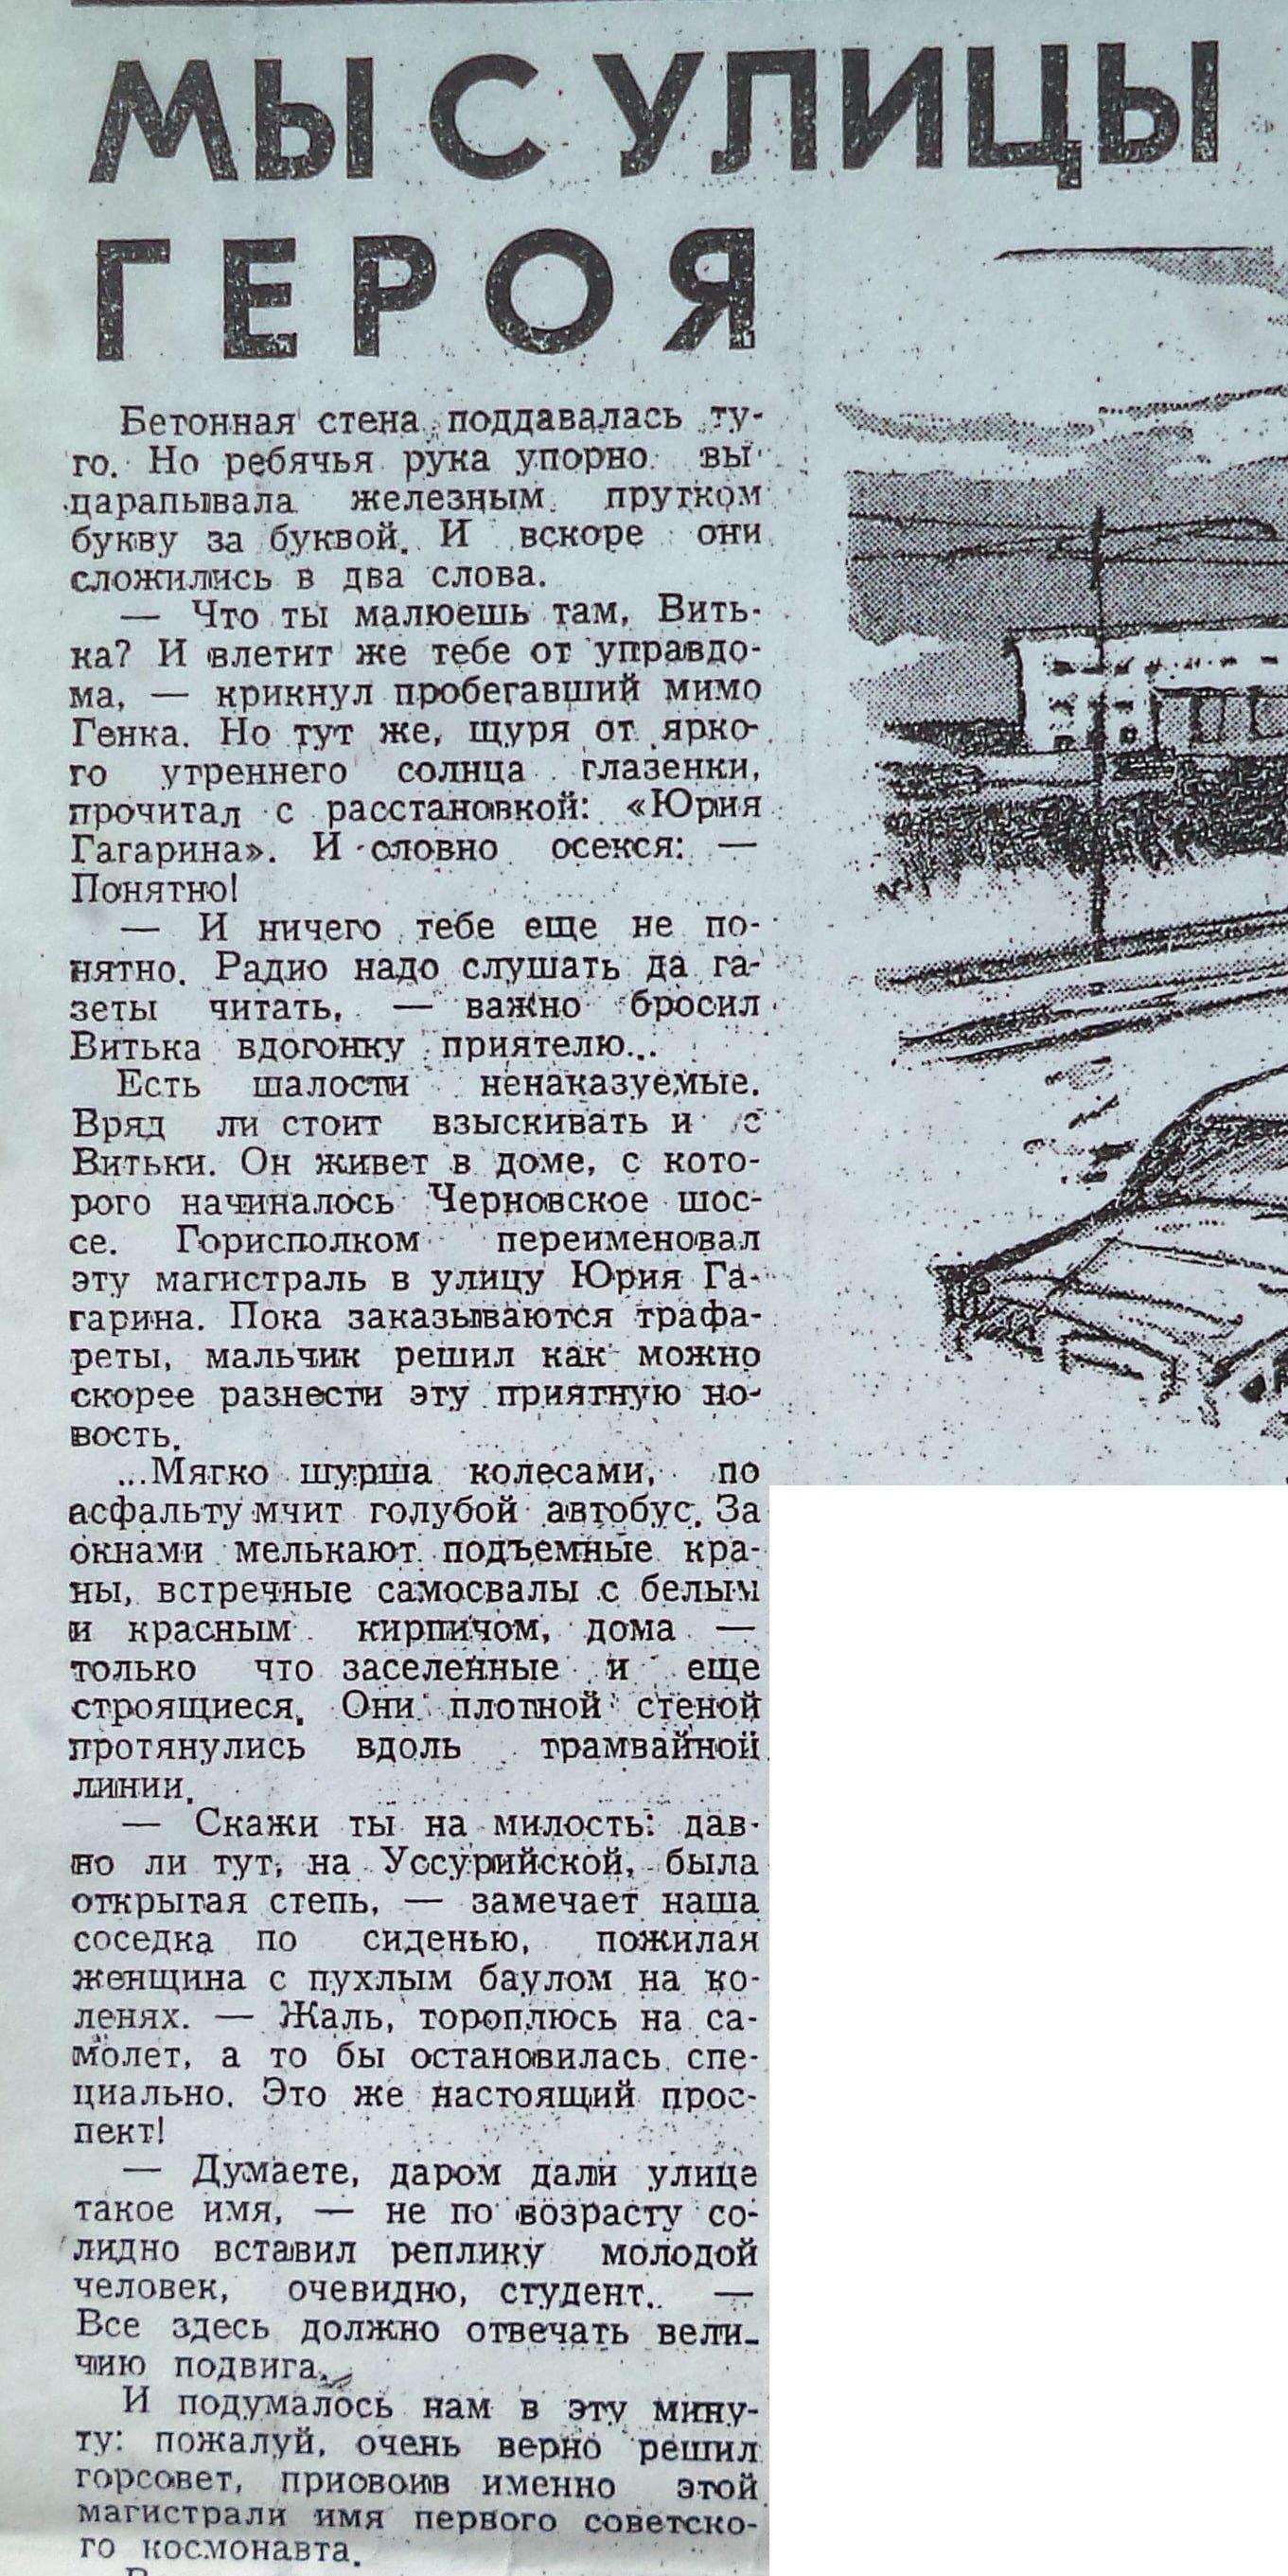 Уссурийская-ФОТО-15-ВКа-1961-04-30-с улицы героя-min(1)